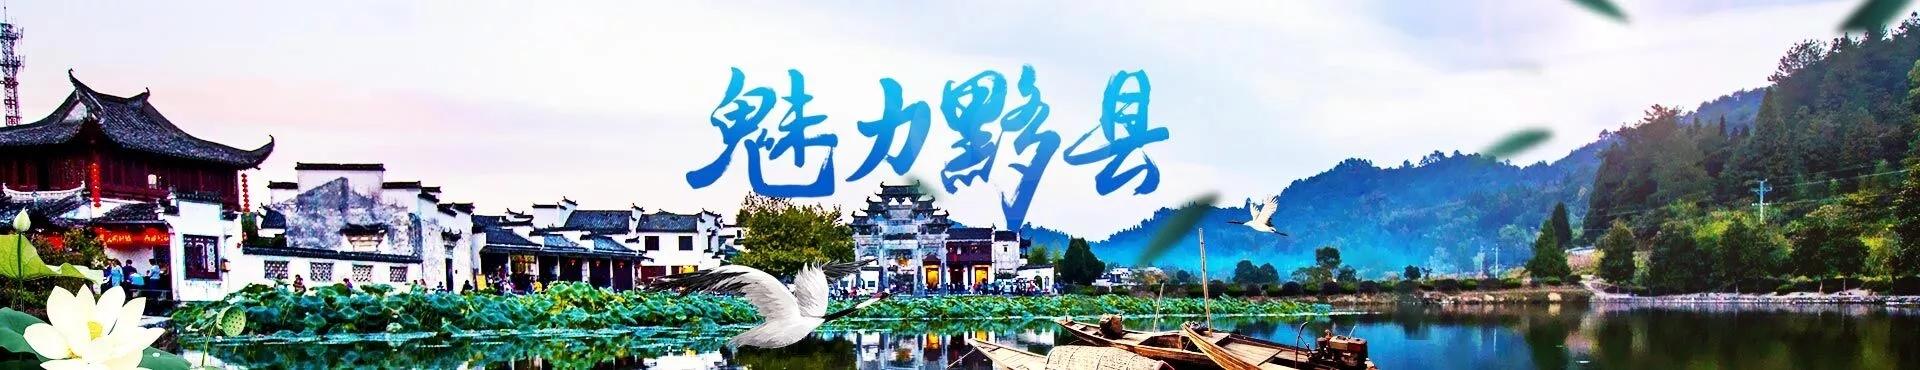 黄山+西递宏村2日1晚跟团游·纯玩 走进徽州,夜游老街,登黄山游精华